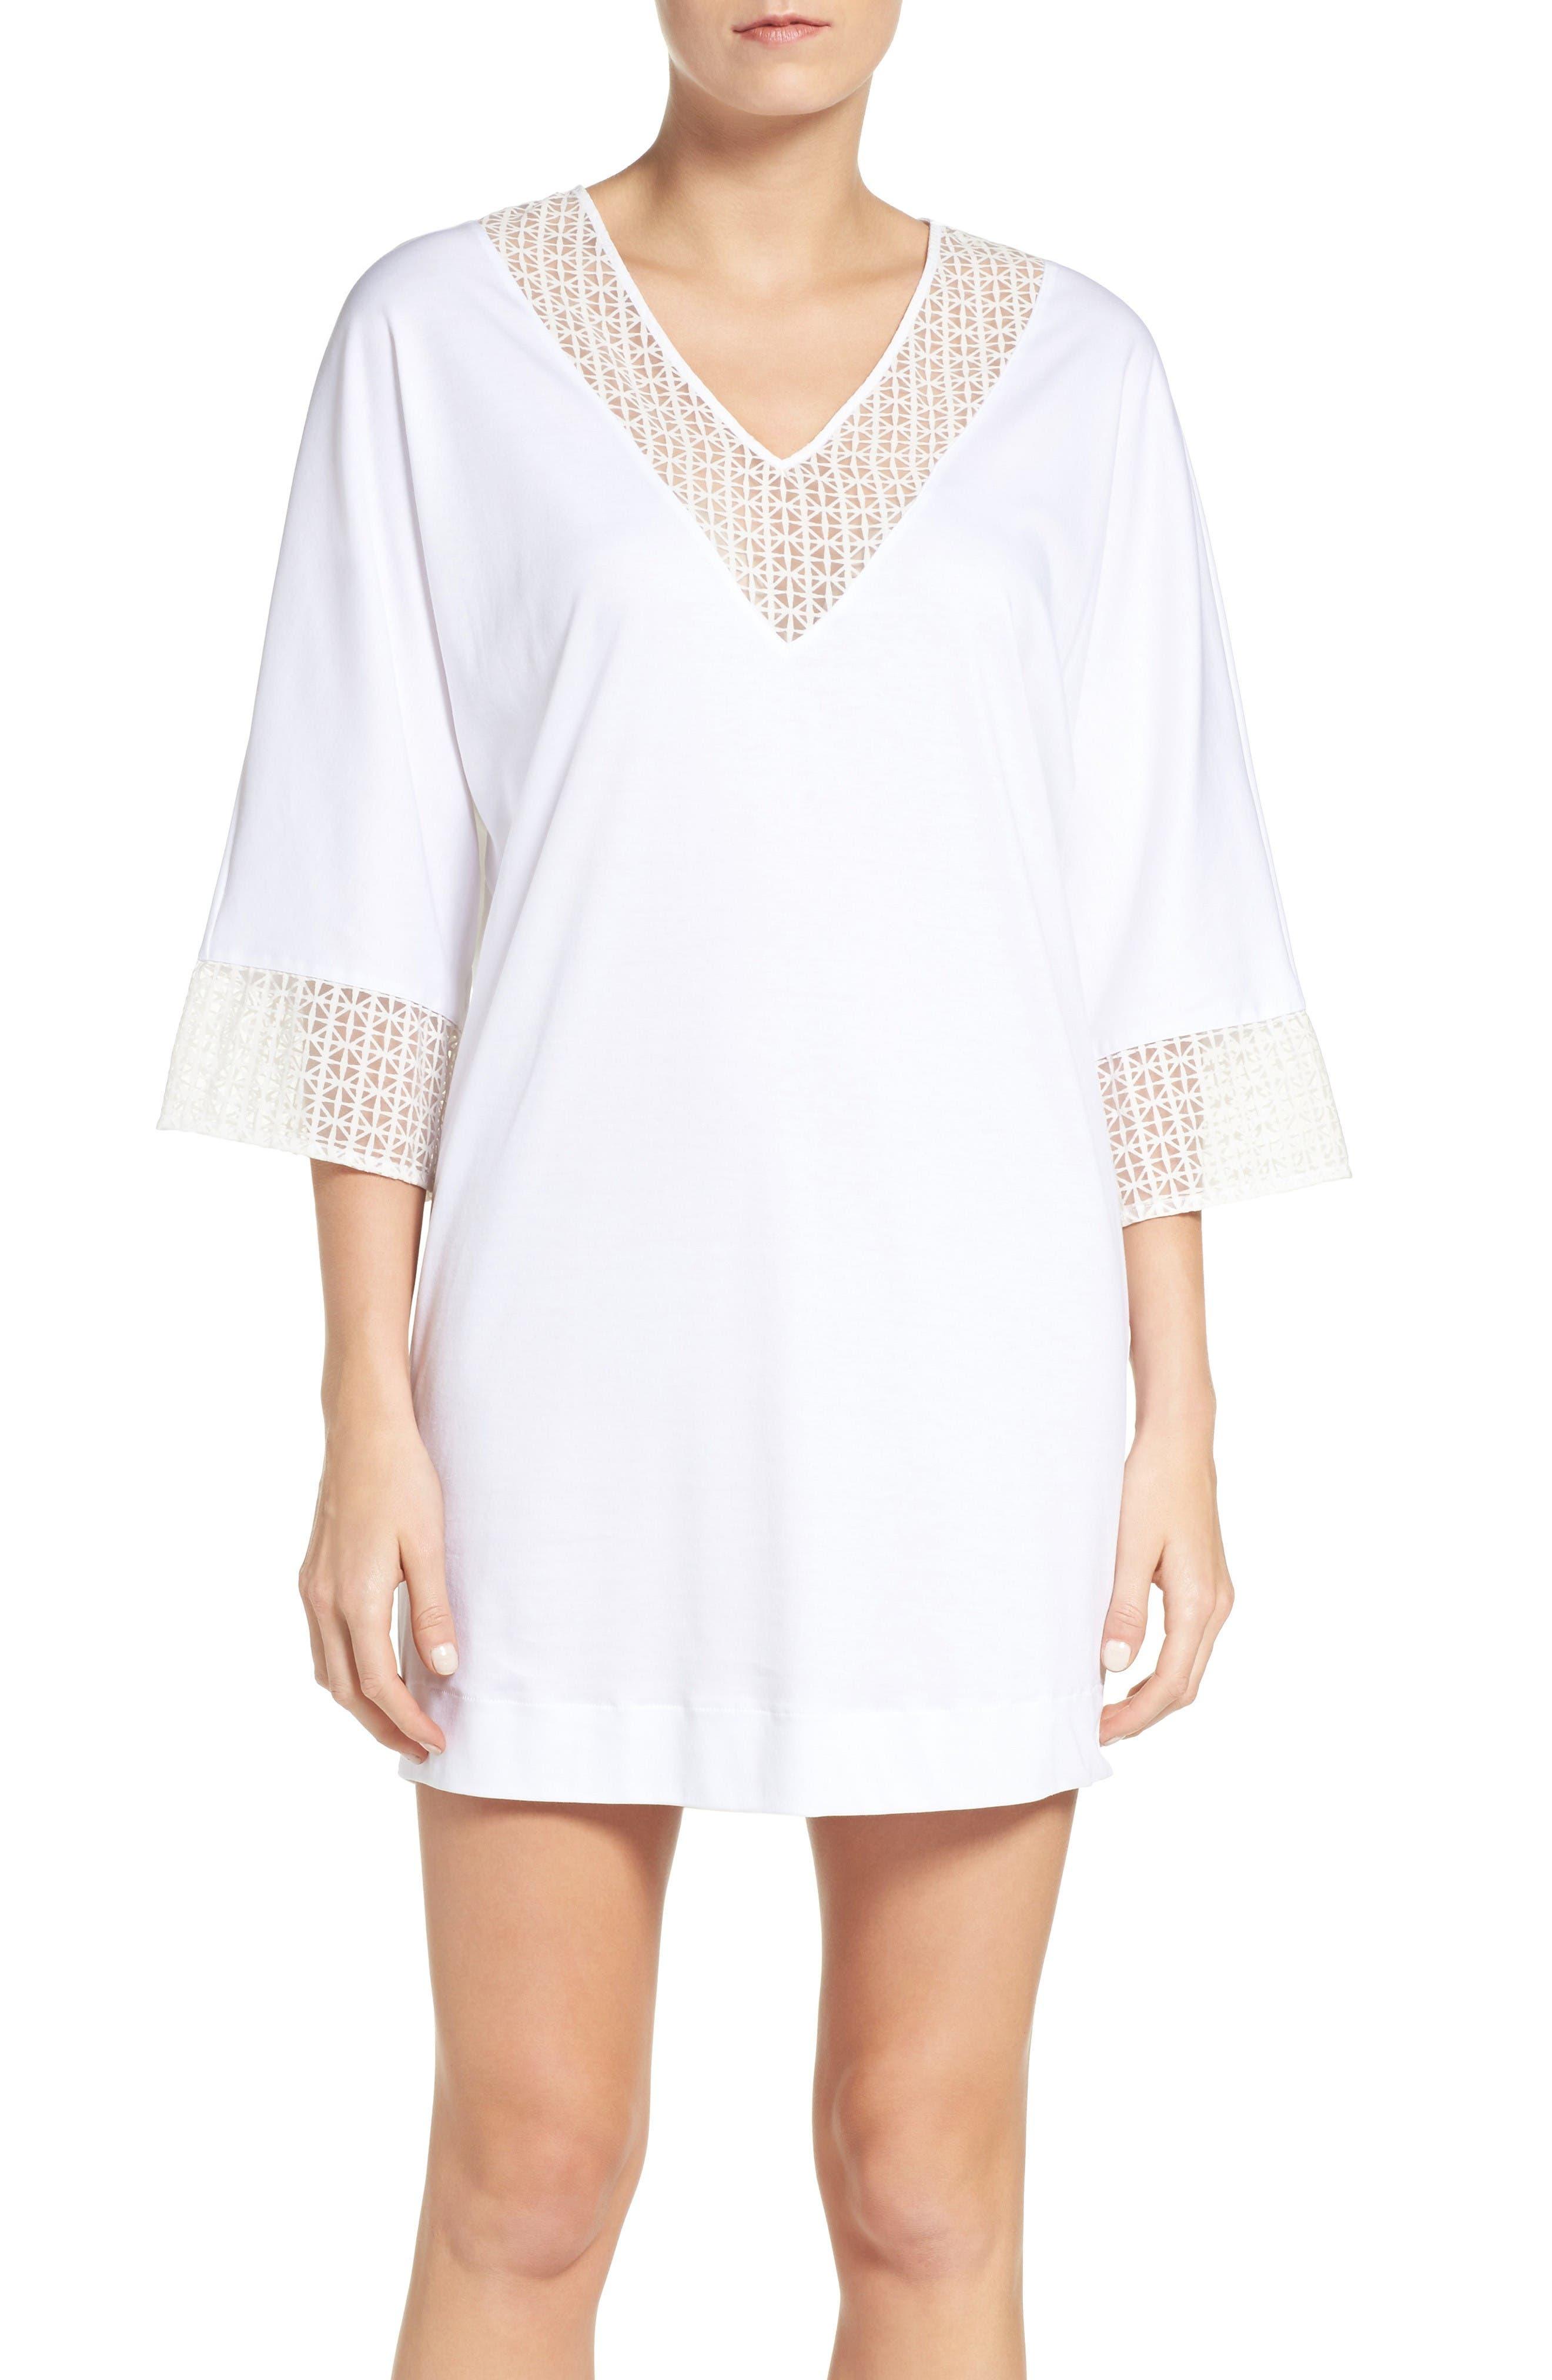 Main Image - Hanro Mathilde Sleep Shirt